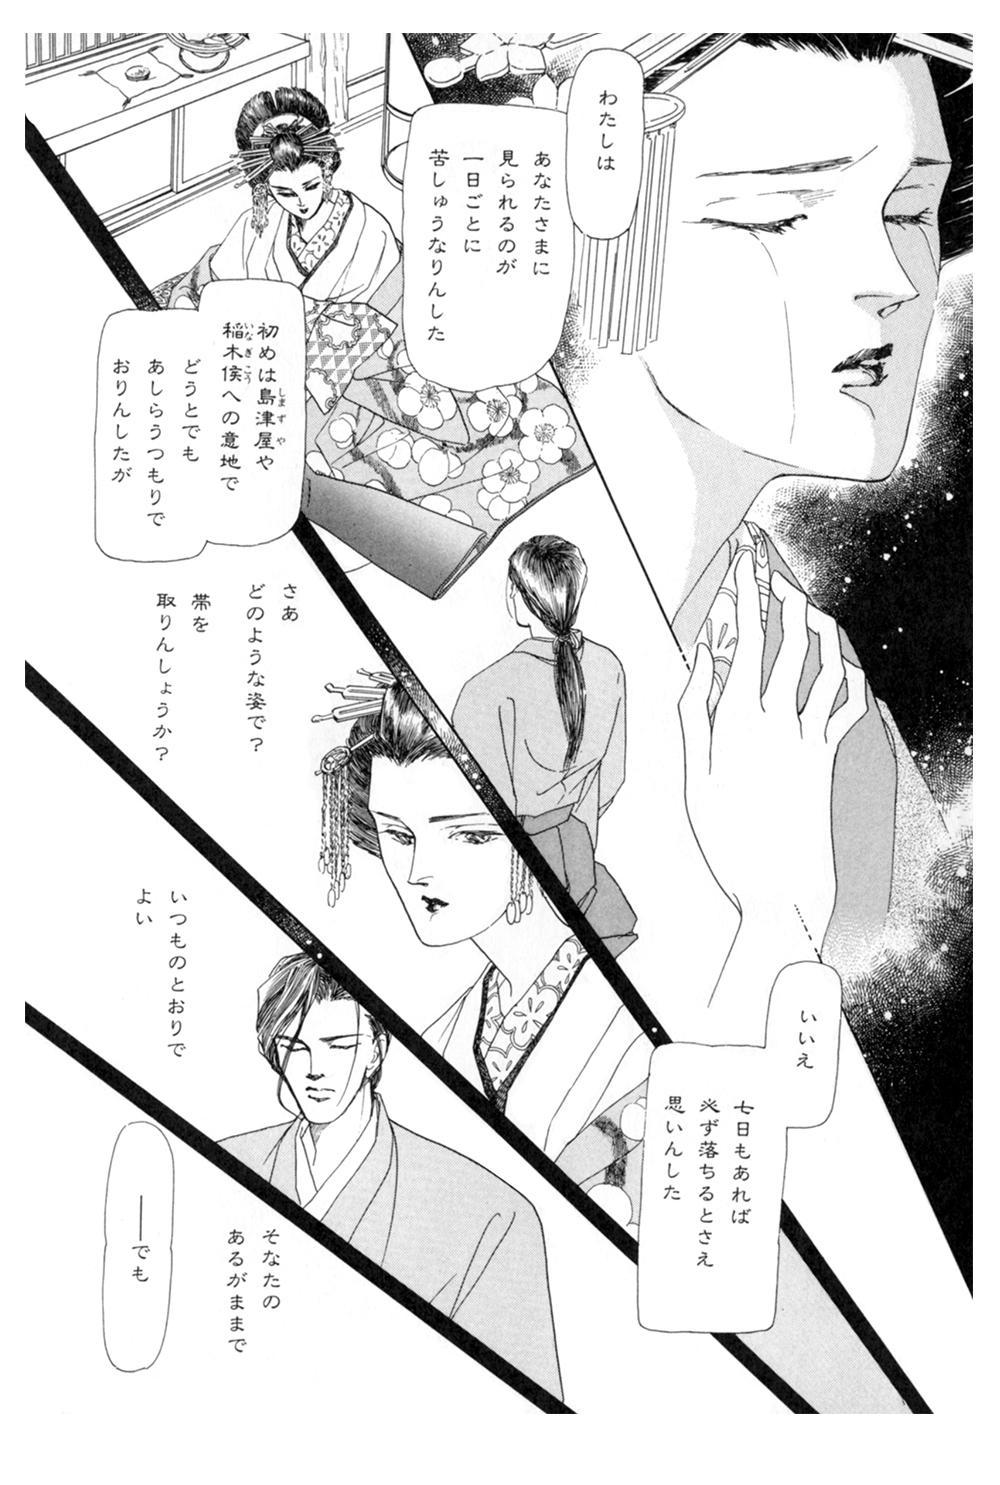 雨柳堂夢咄 第5話「花に暮れる」2uryudo-02-132.jpg